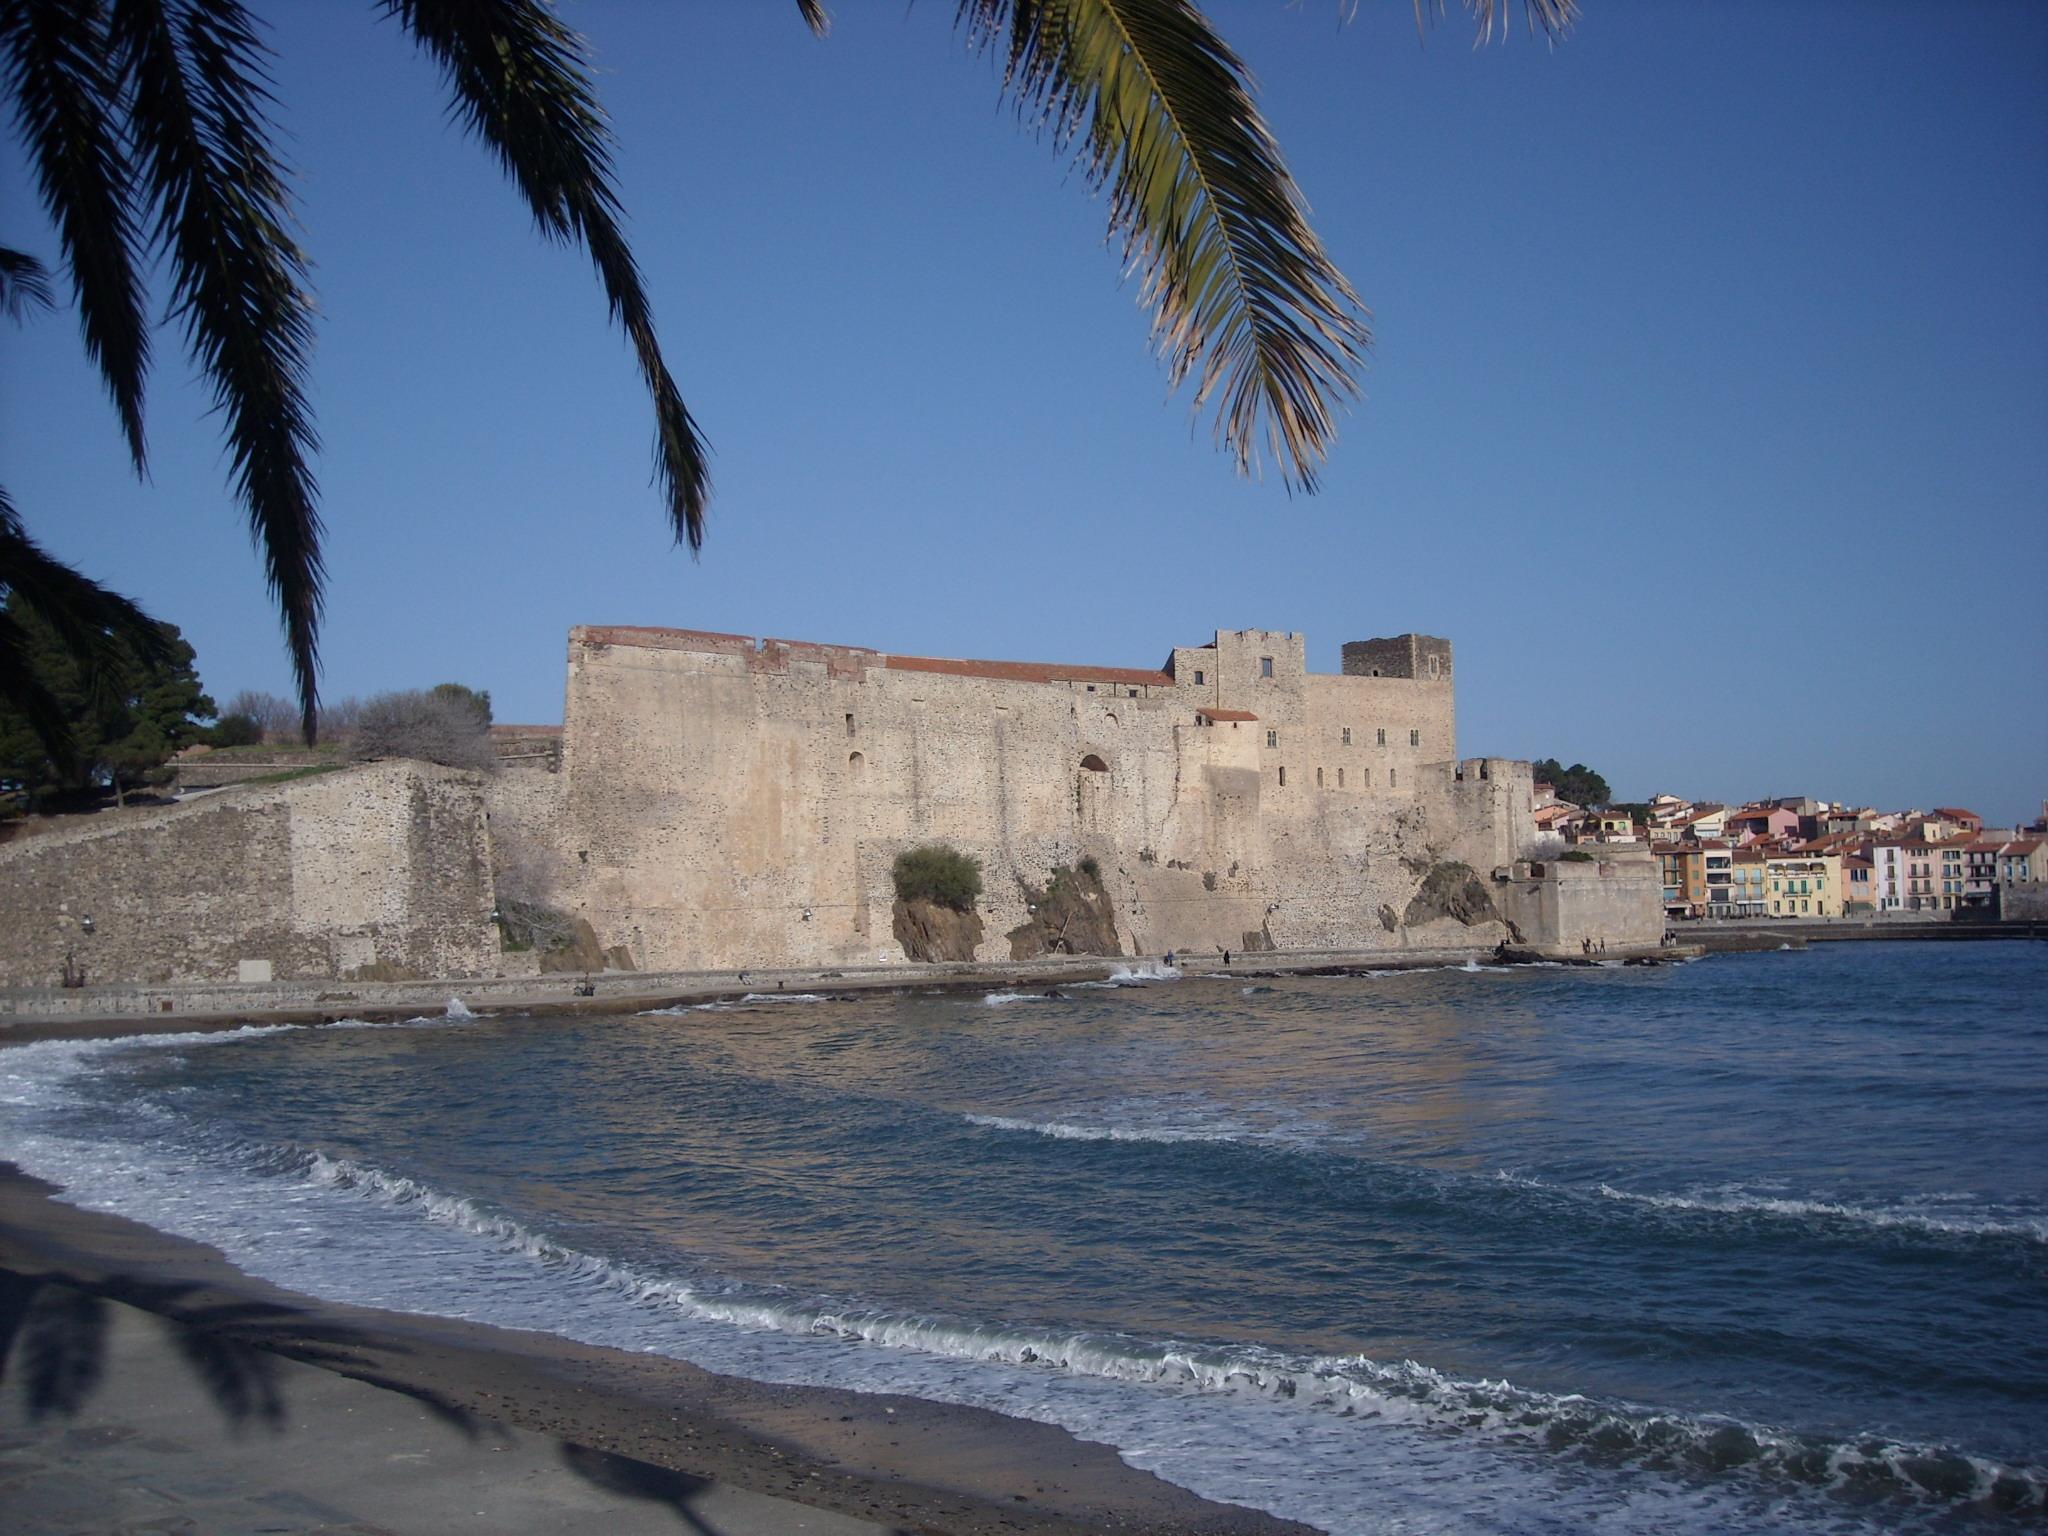 Plages - Chateau royal collioure ...